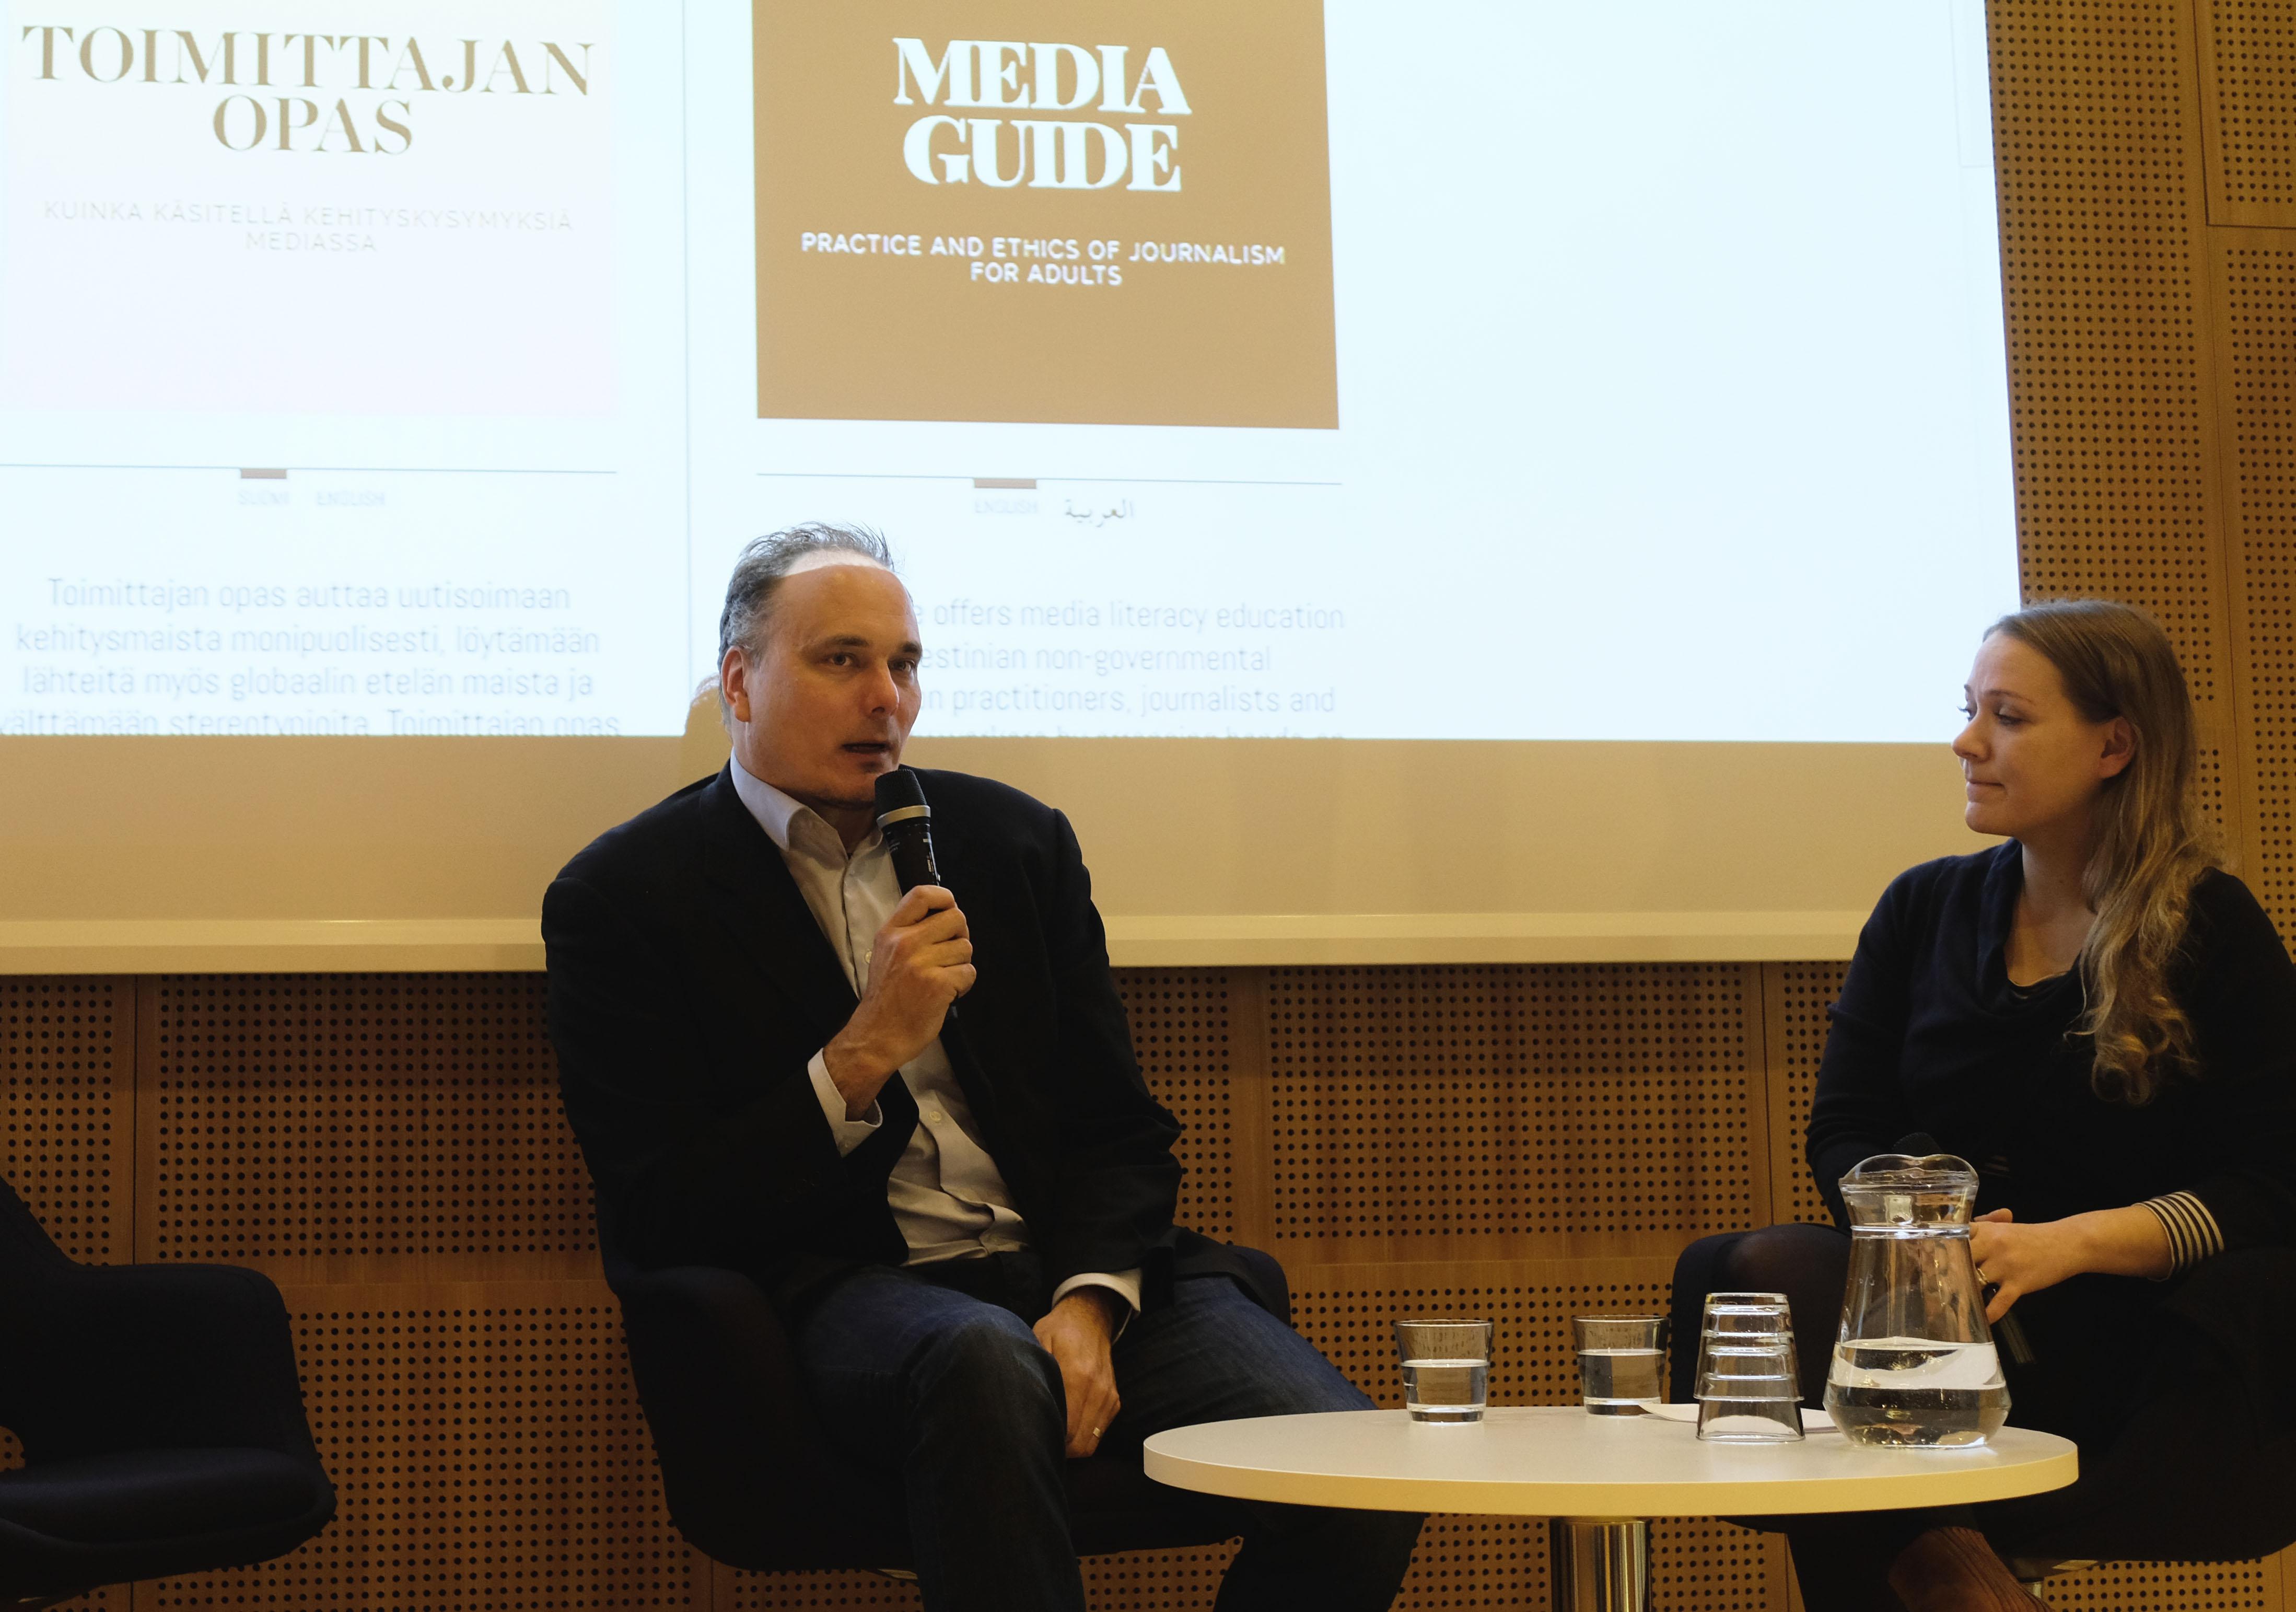 Sami Sillanpää toimittajan oppaan julkaisutilanteessa